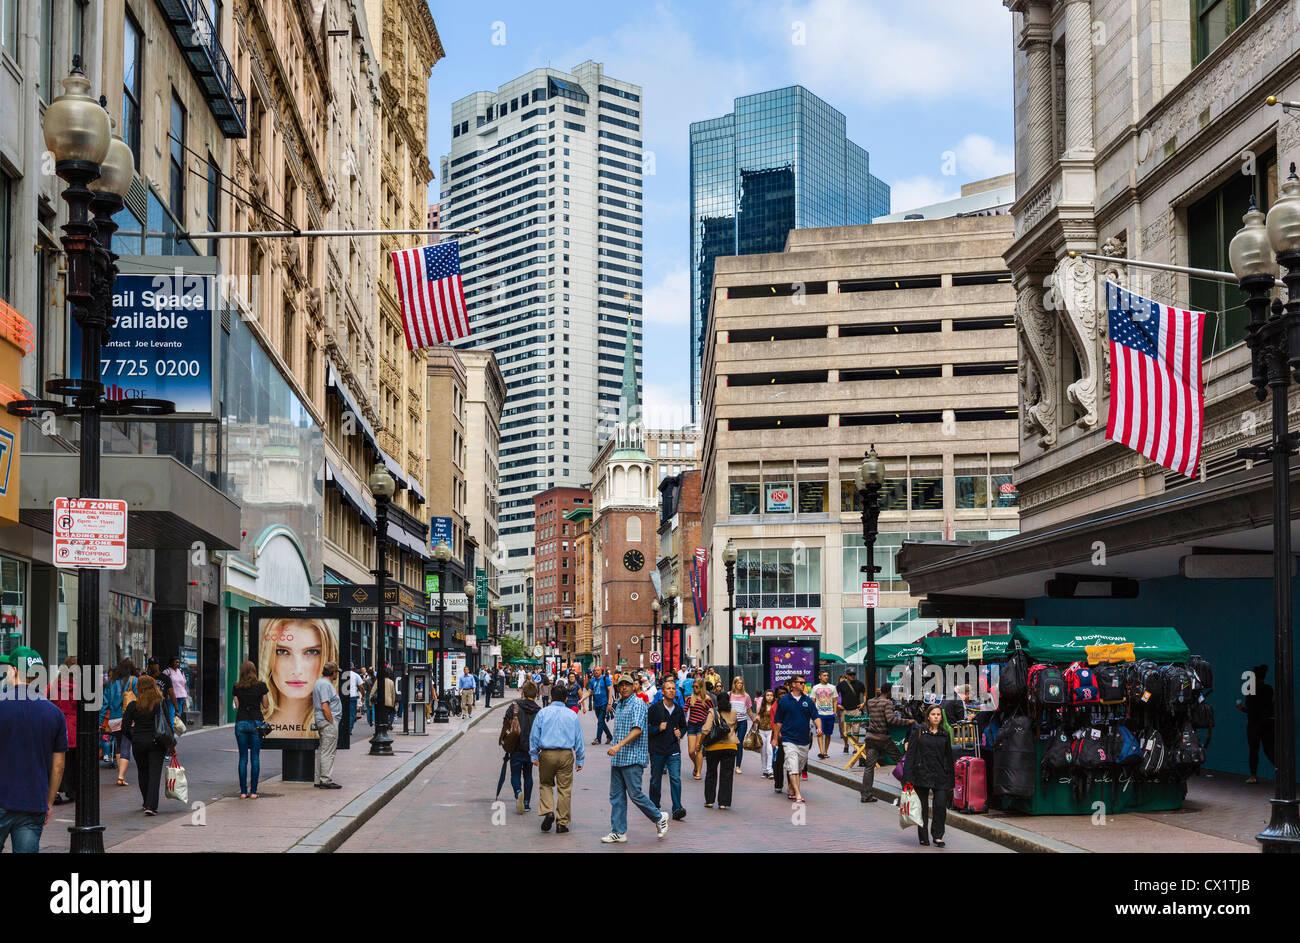 Tiendas en la calle Washington en el centro de la ciudad, Boston, Massachusetts, EE.UU. Imagen De Stock